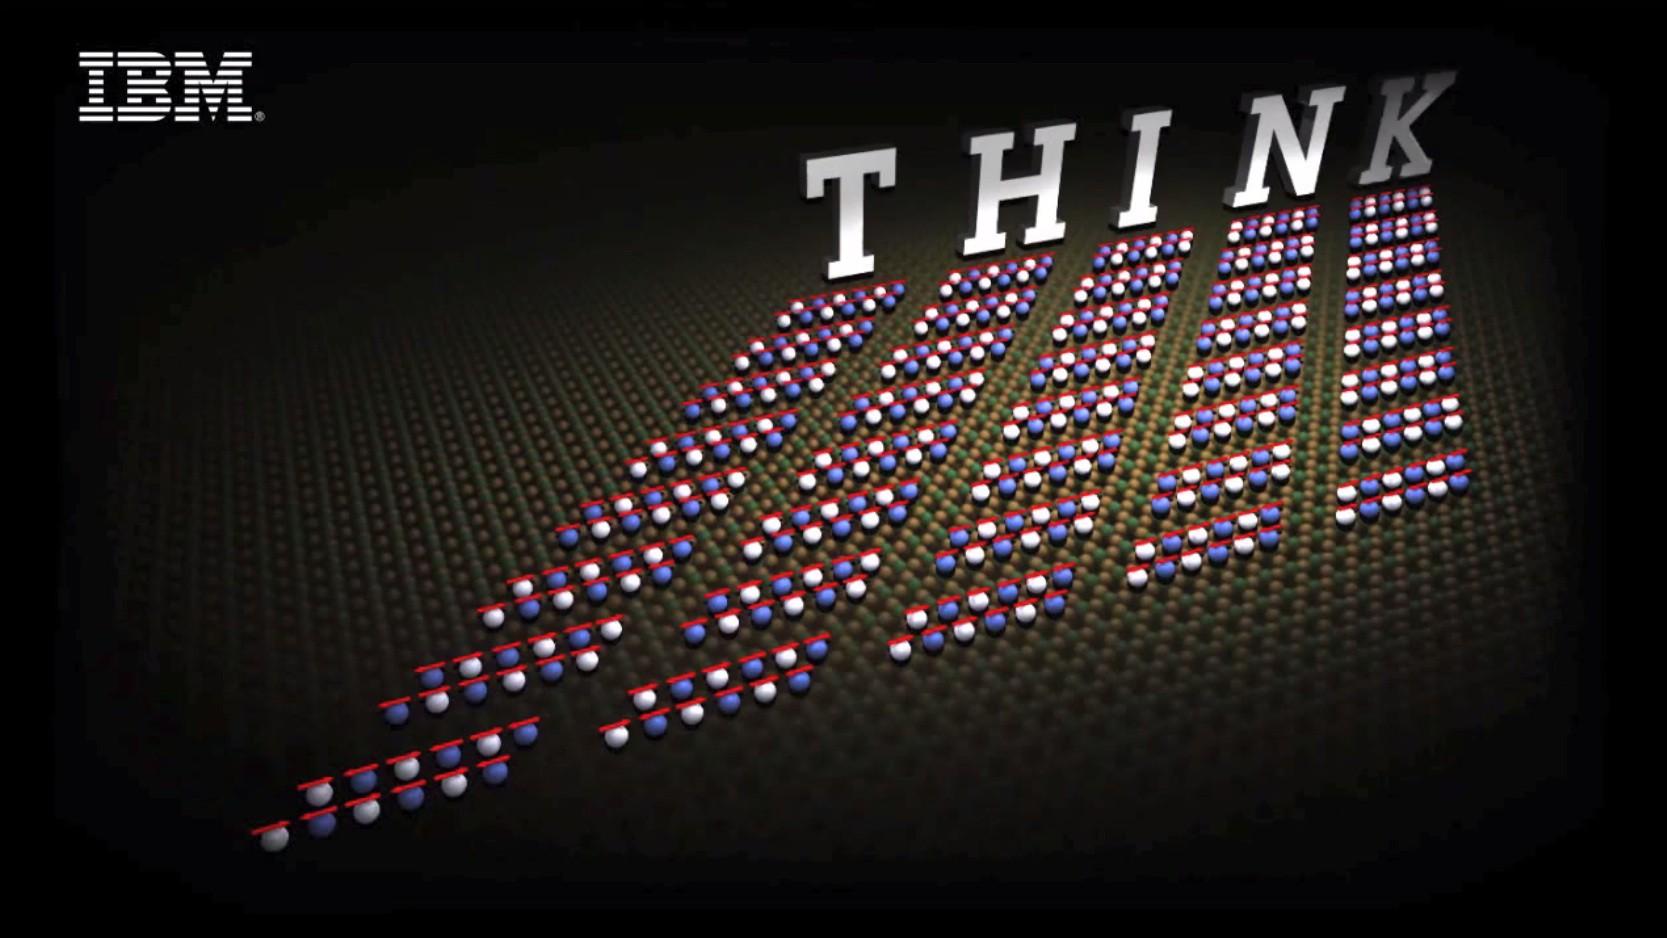 Extreme Speicherdichte: IBM speichert 1 Bit in nur 12 Atomen - 1 Byte in 96 Atomen